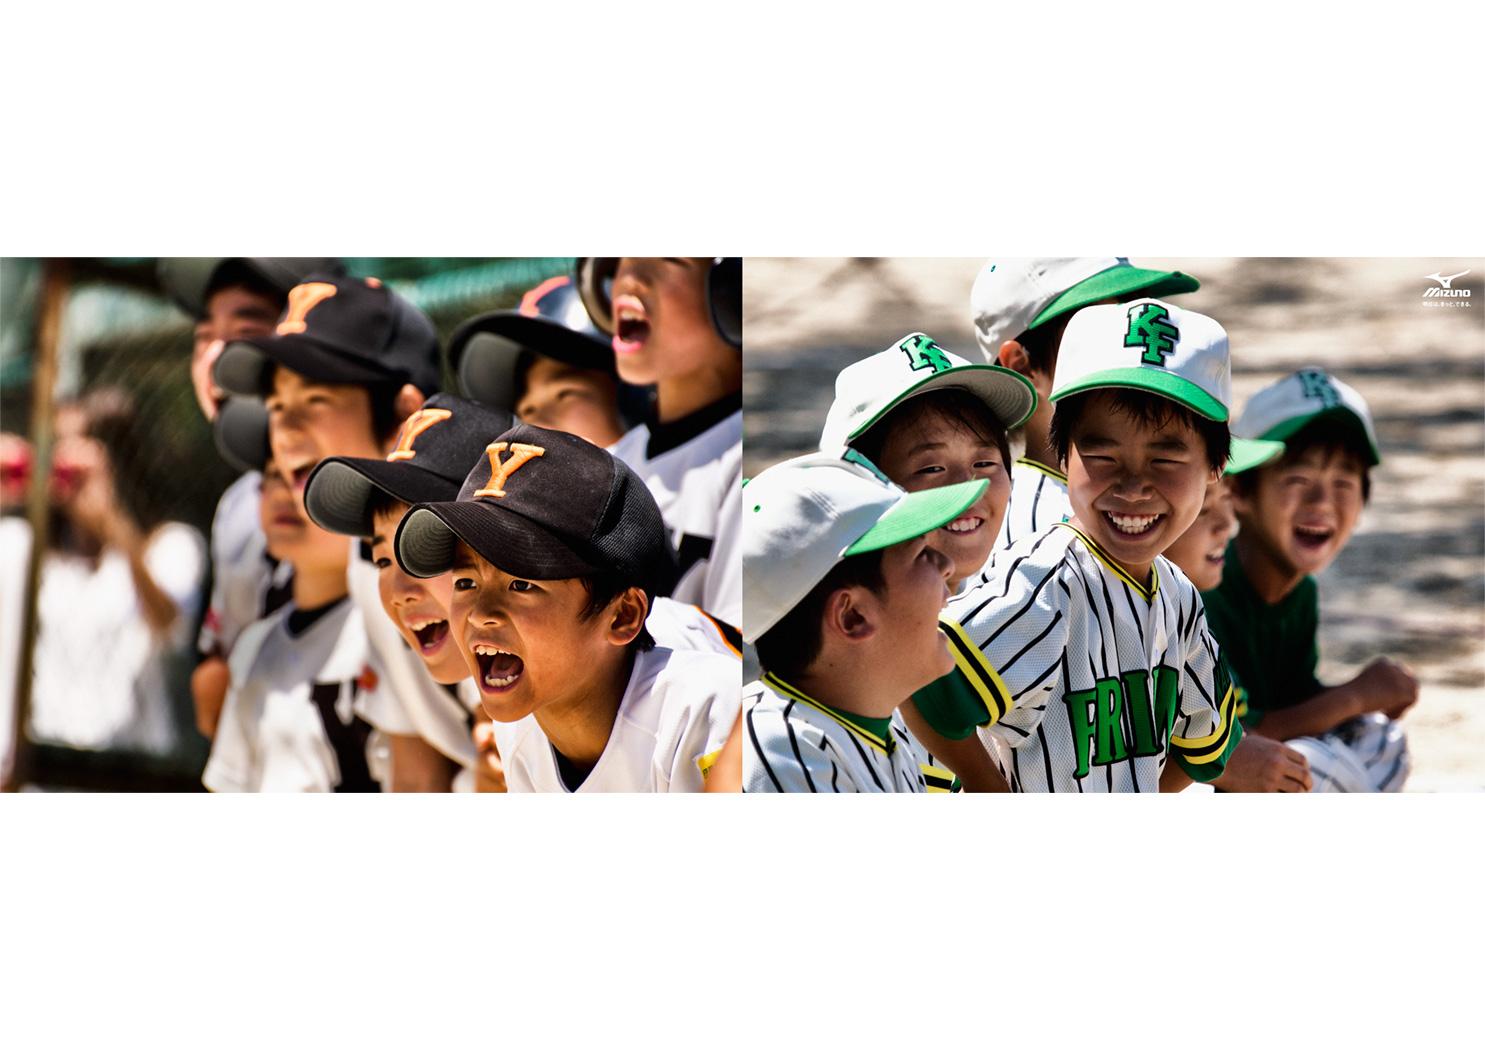 Mizuno Baseball Poster 2013